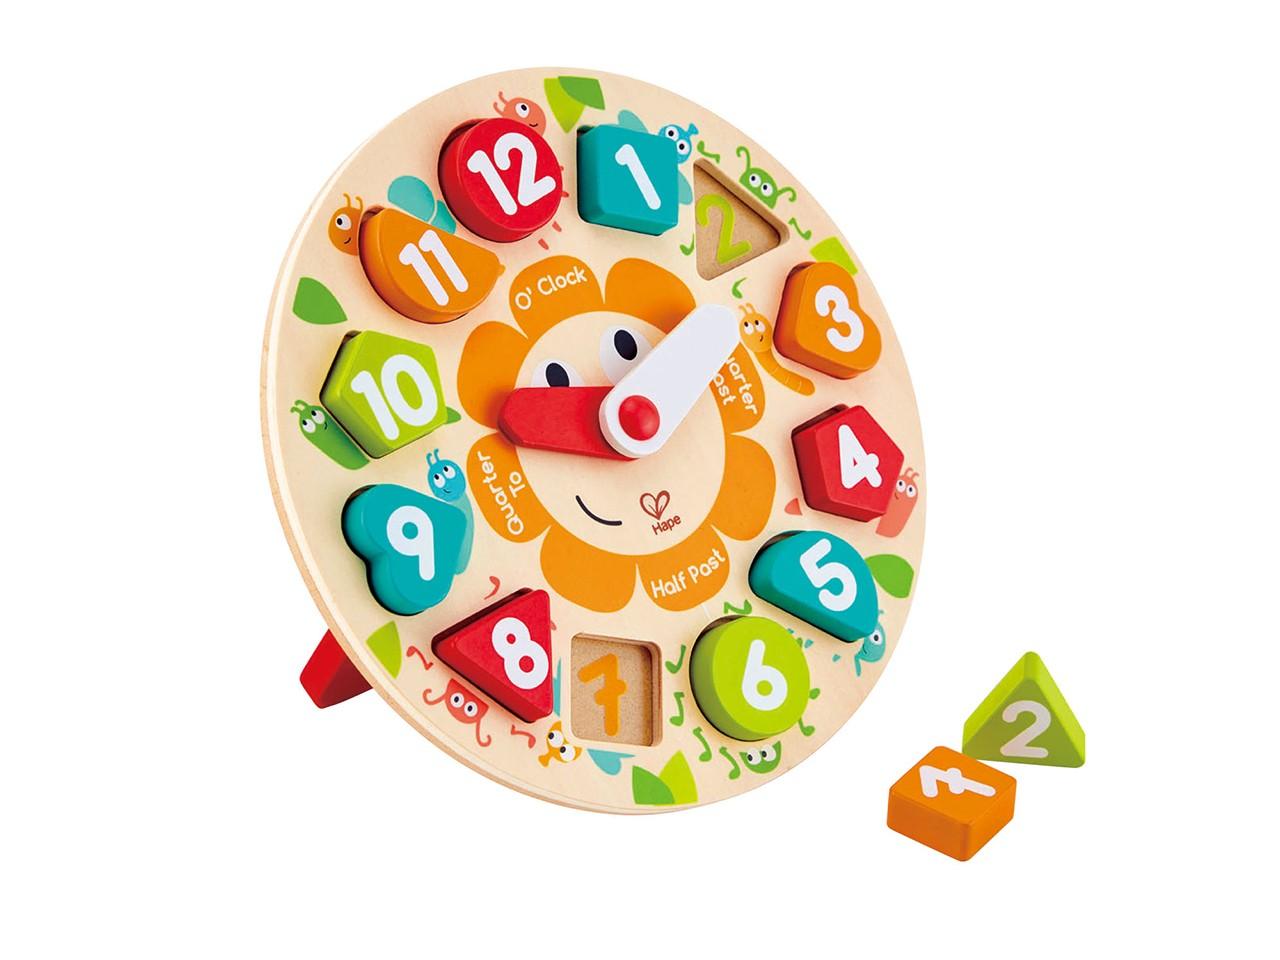 ألعاب خشبية للأطفال ـ الساعة الخشبية